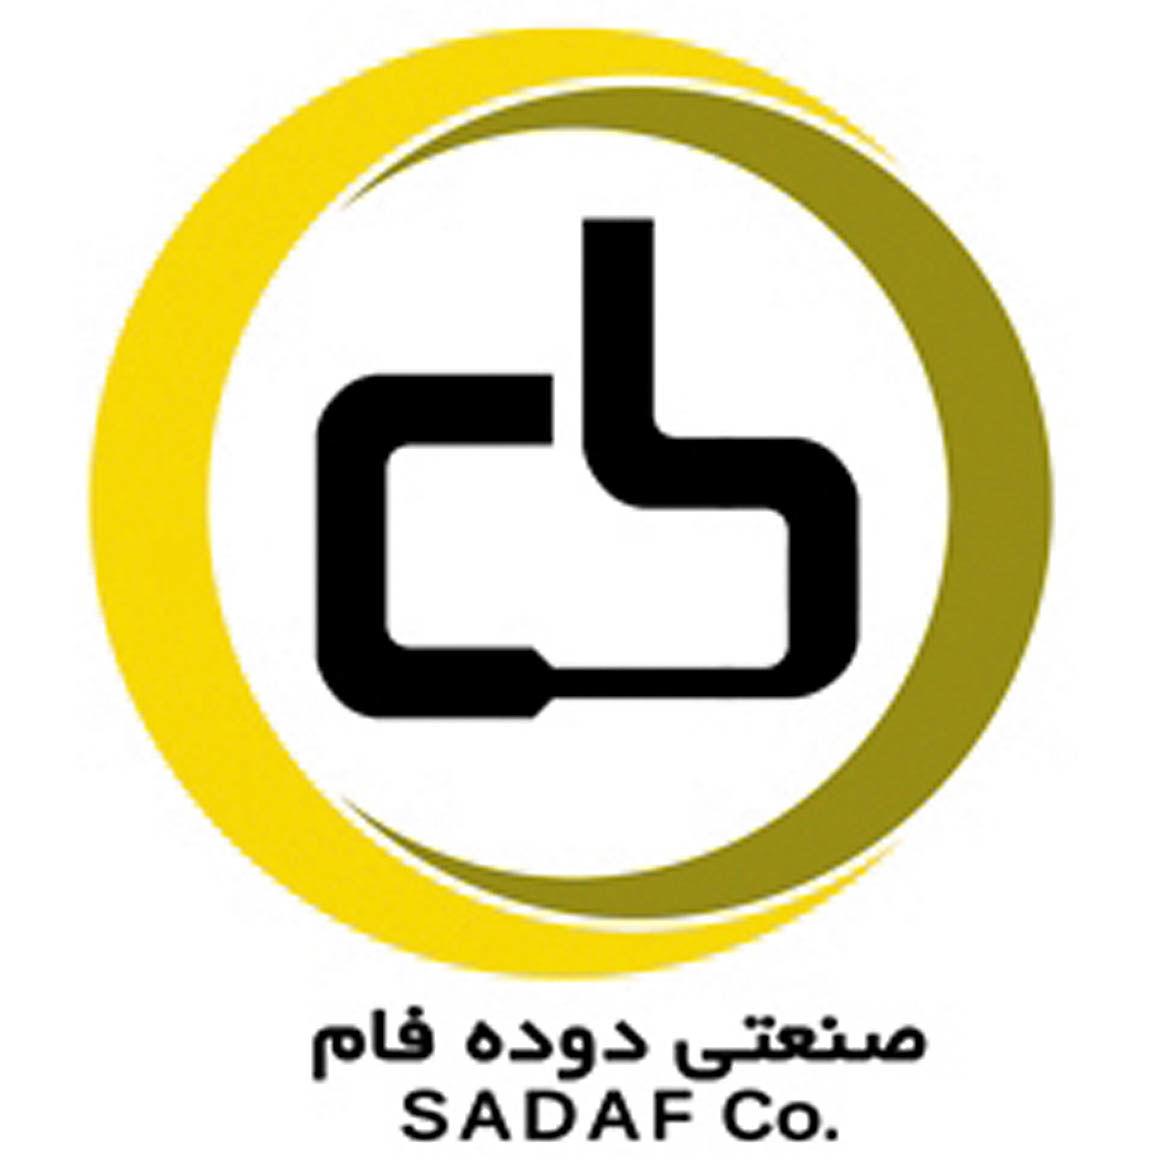 نخستین و تنها شرکت دانش بنیان صنعت دوده ایران